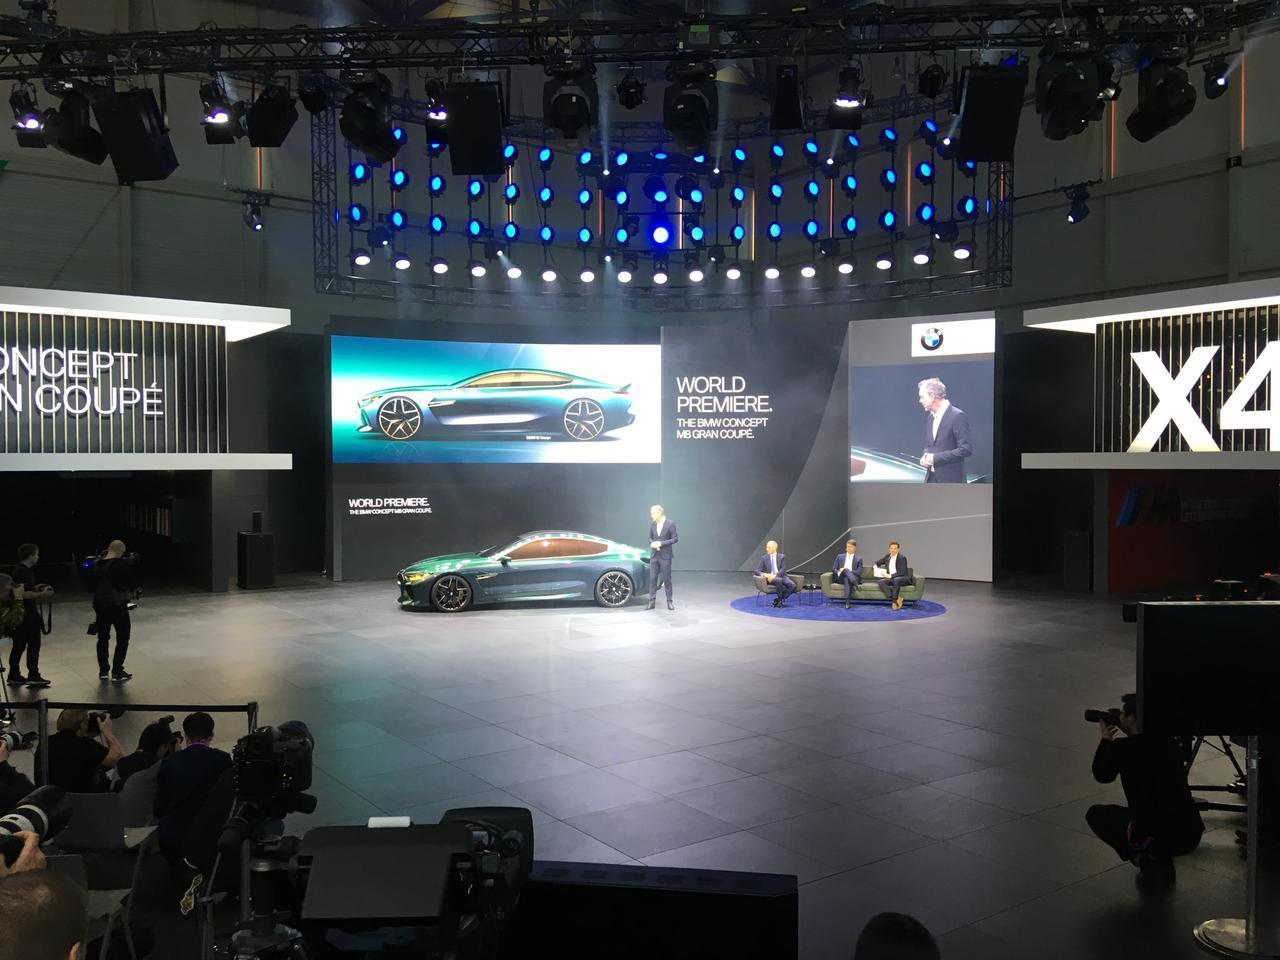 画像: ジュネーブ国際モーターショーでワールドプレミアとなったBMW M8 グランクーペ。